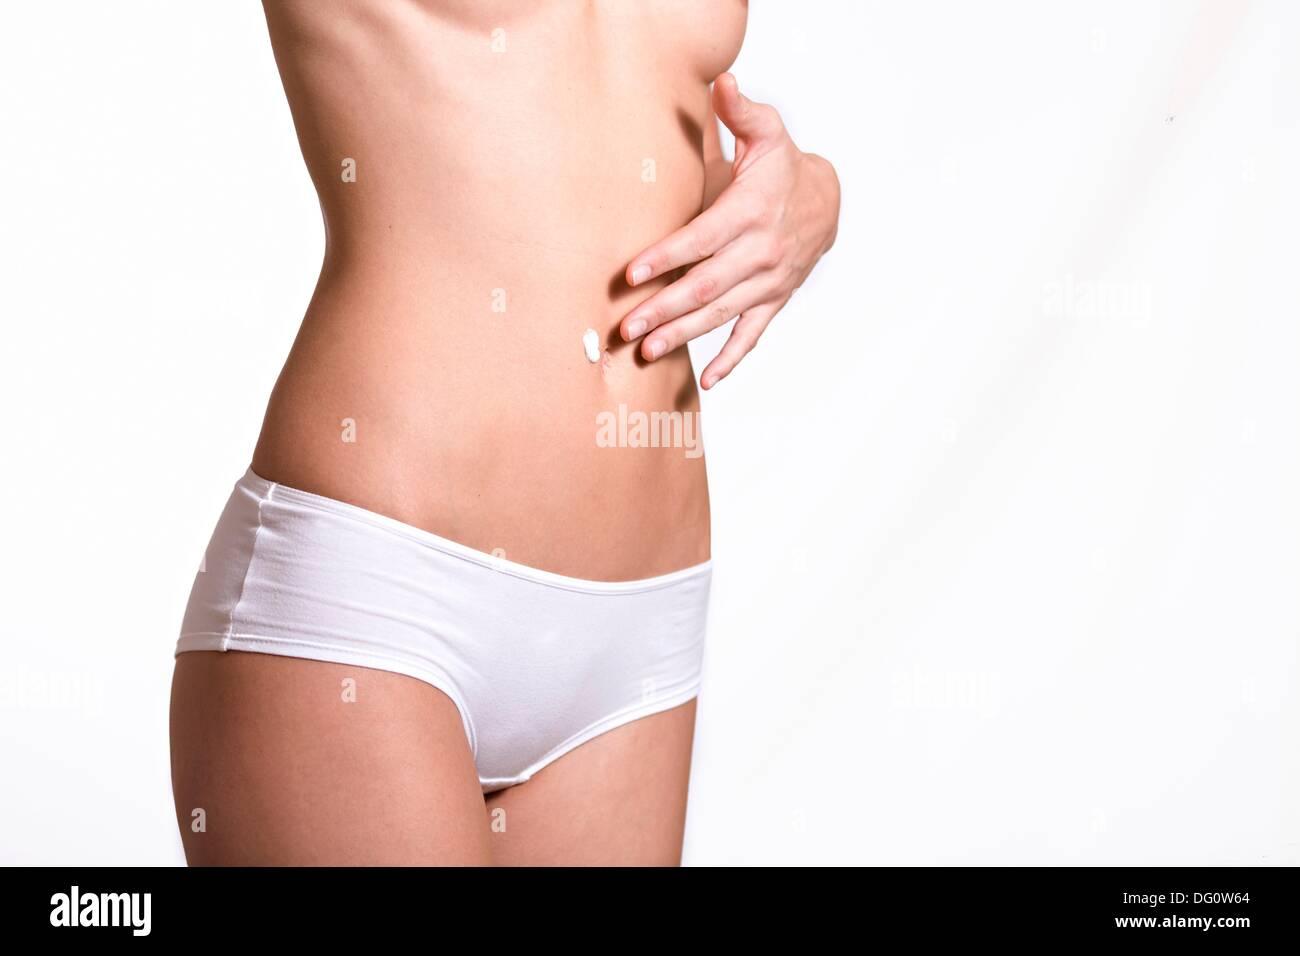 Niedlich Frauen Bauch Anatomie Fotos - Anatomie Von Menschlichen ...